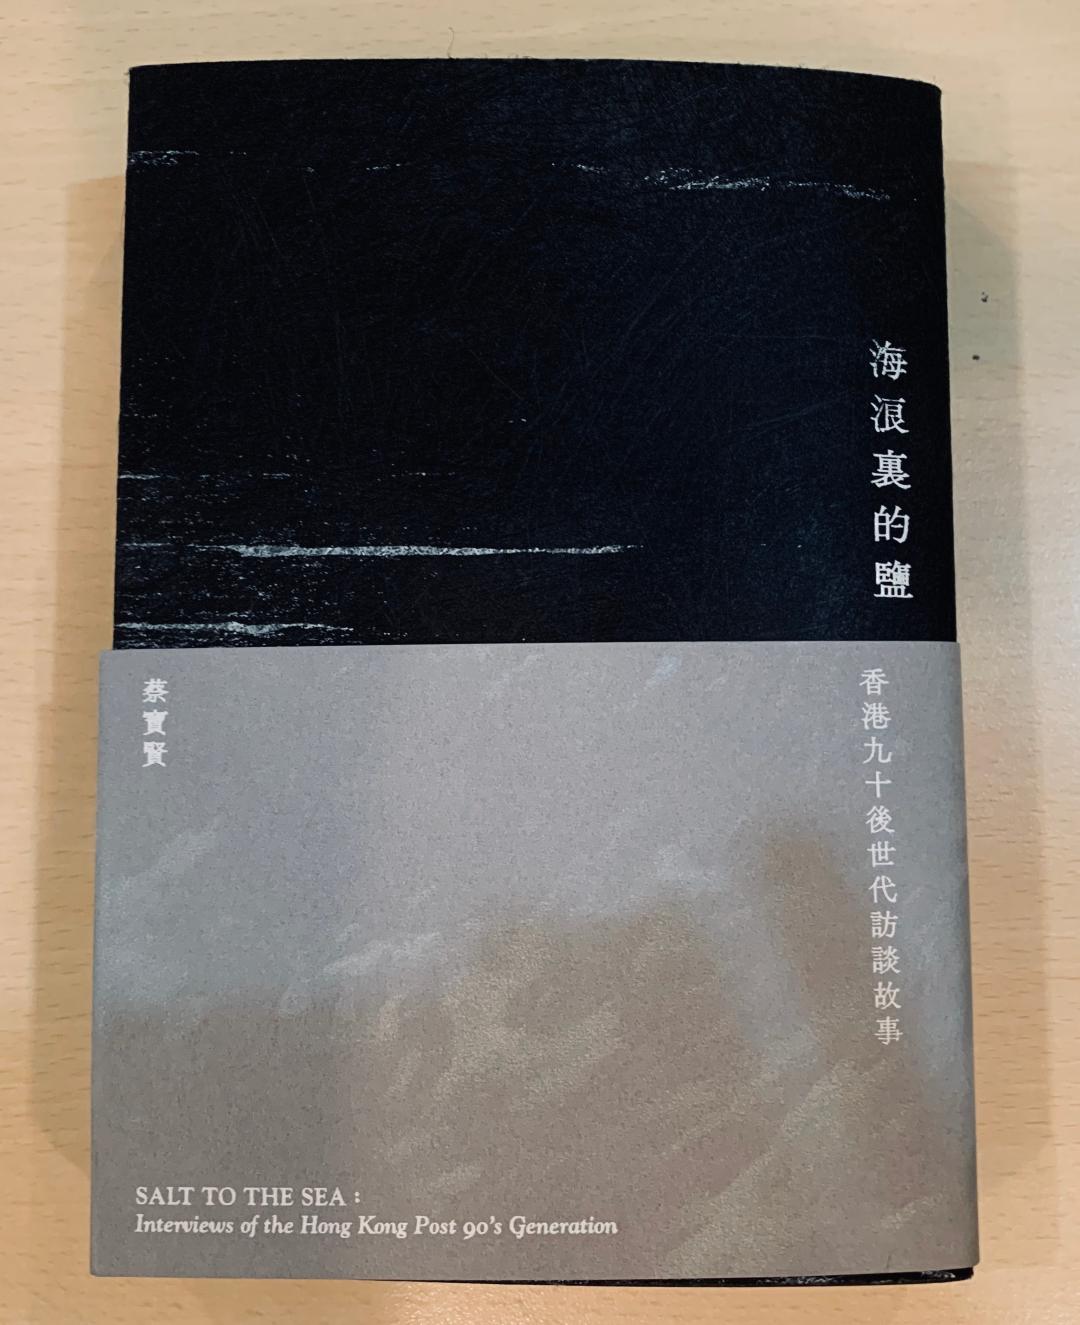 《海浪裡的鹽:香港九十後世代訪談故事》上